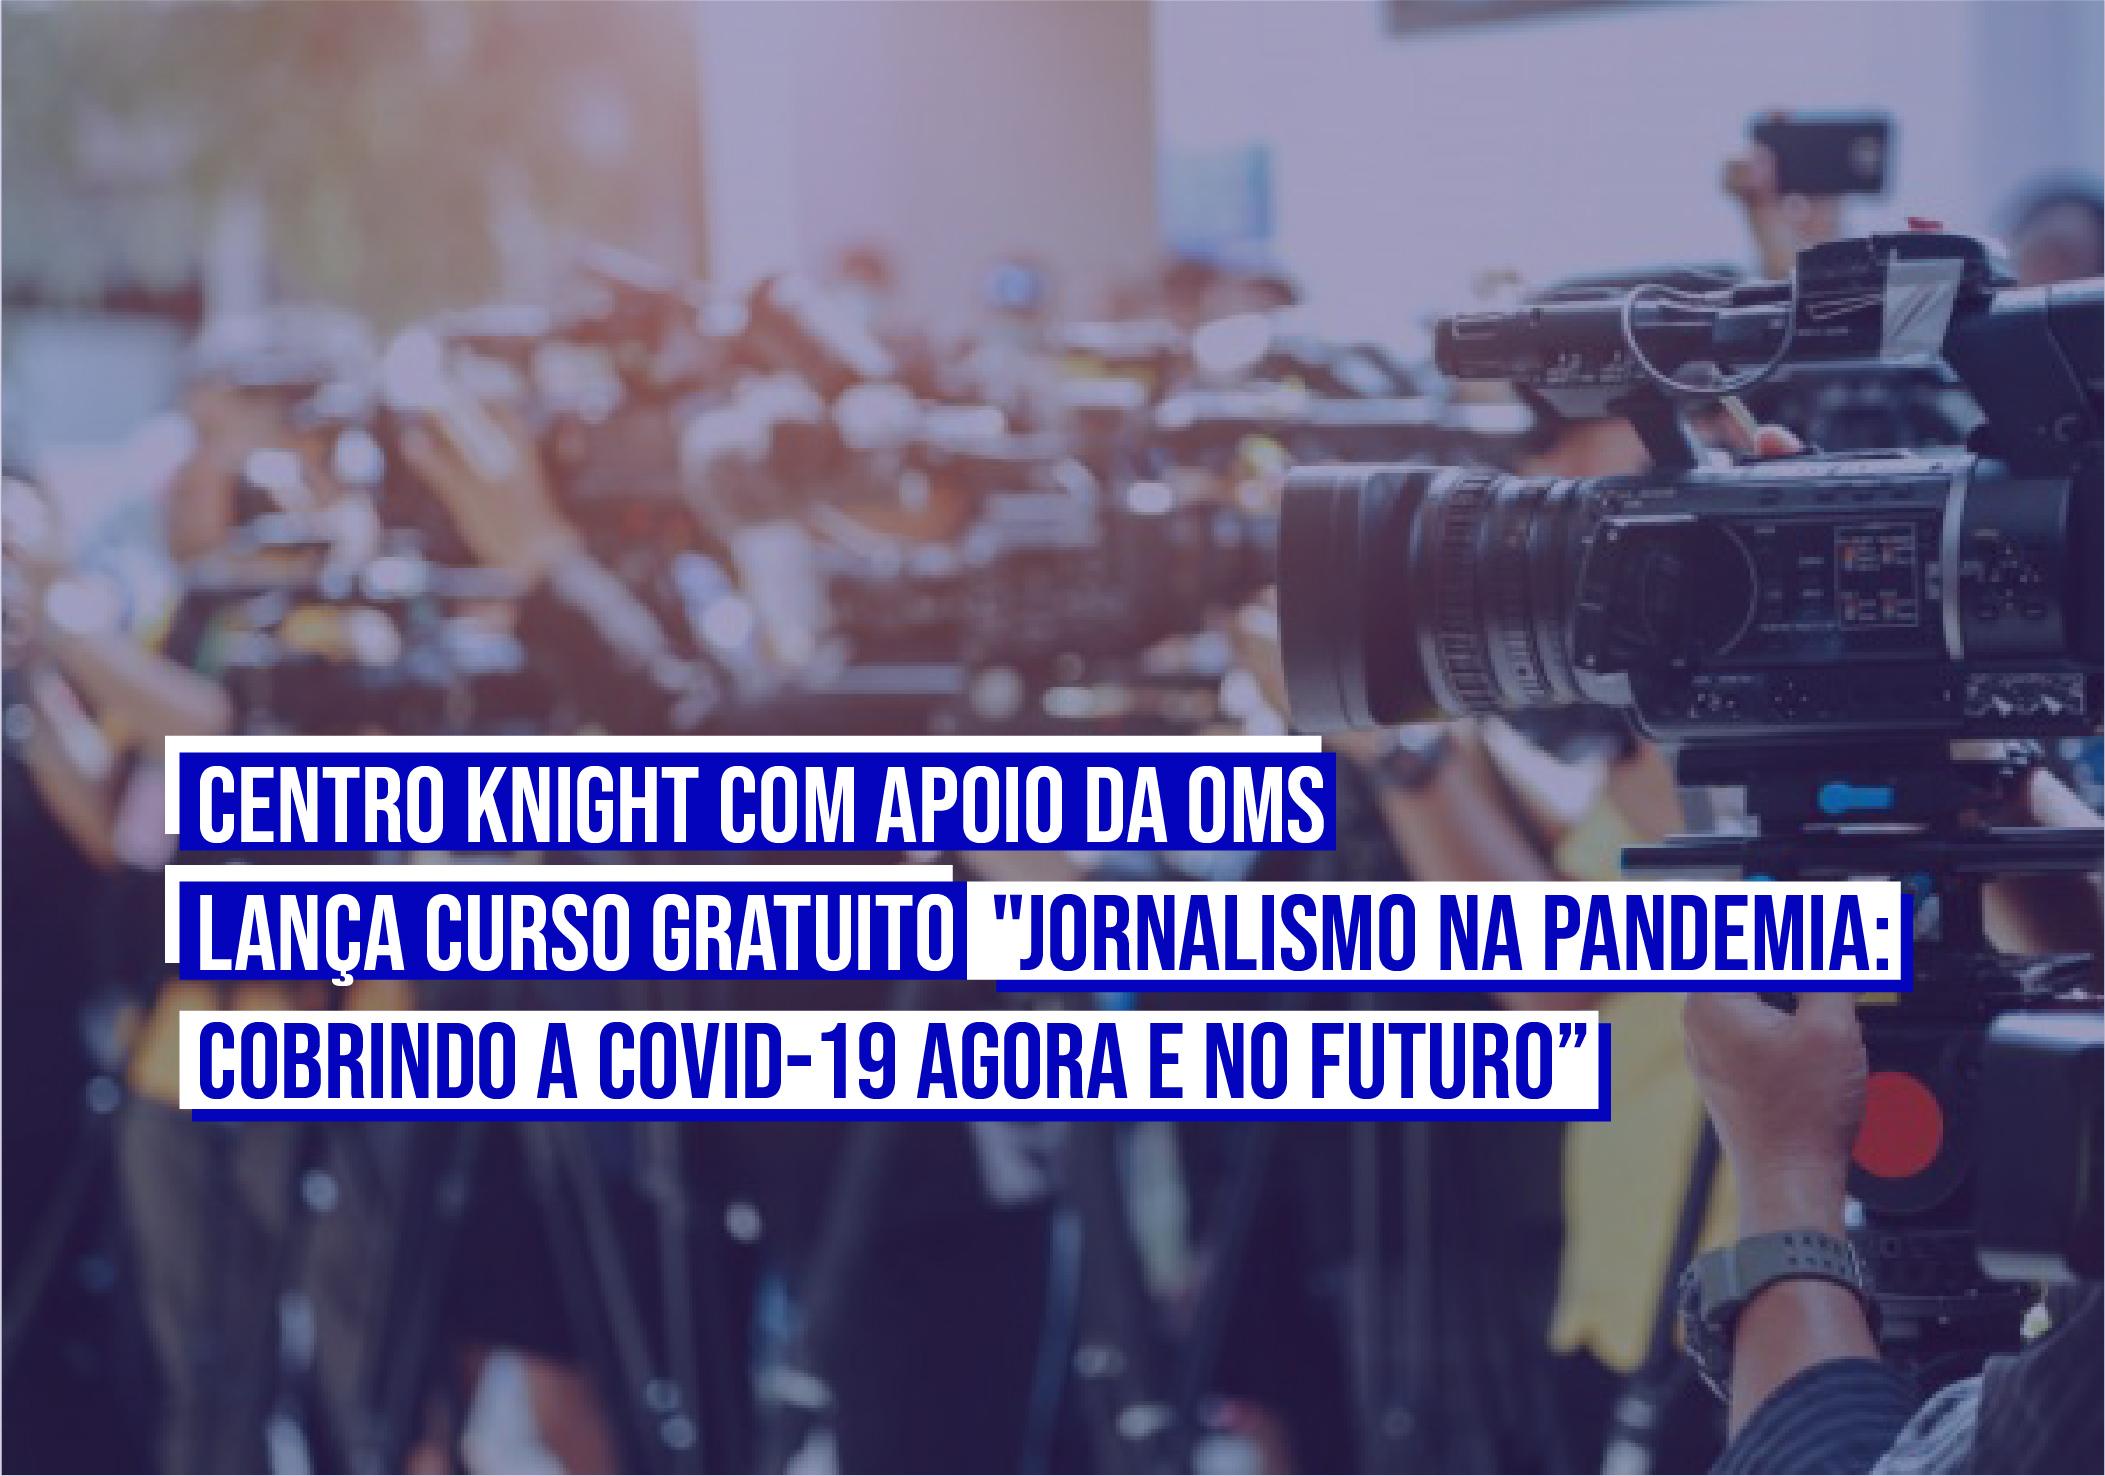 """Curso gratuito  """"Jornalismo na pandemia: cobrindo a COVID-19 agora e no futuro"""" tem apoio da OMS"""